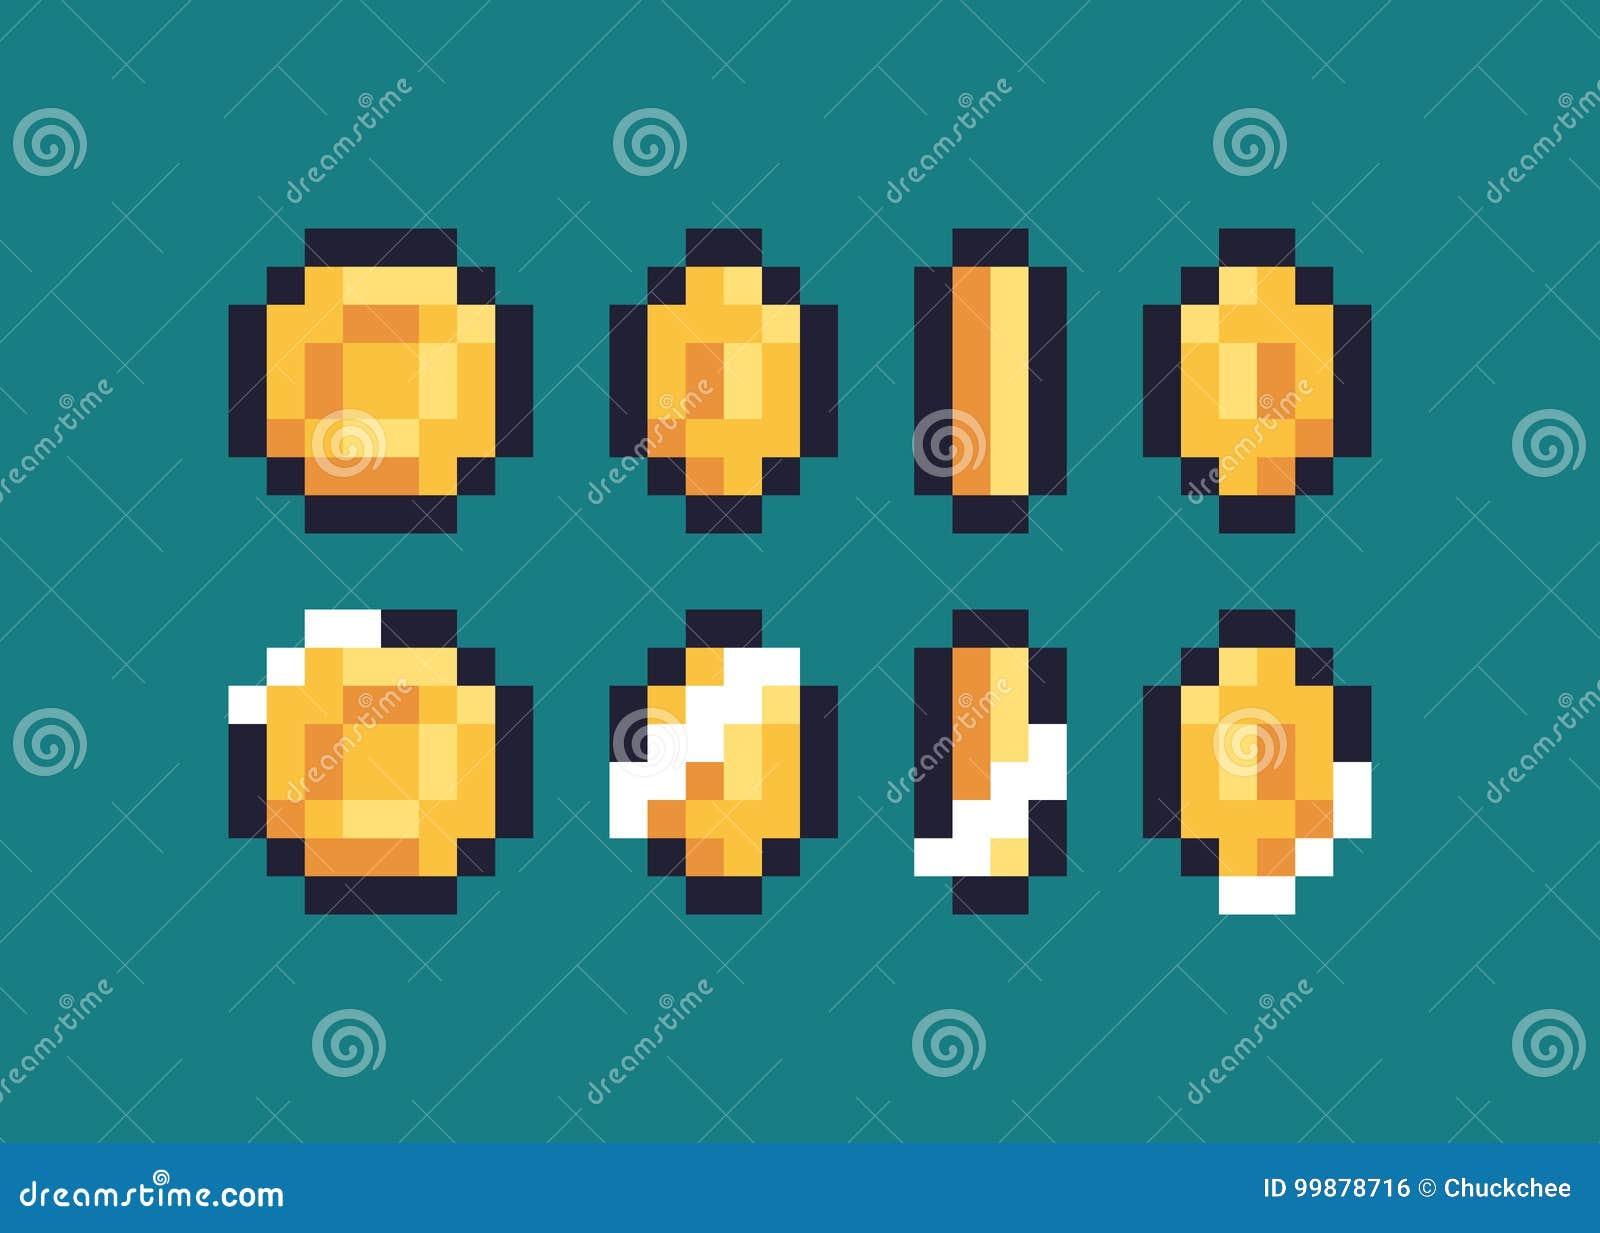 Pixel Art Coin